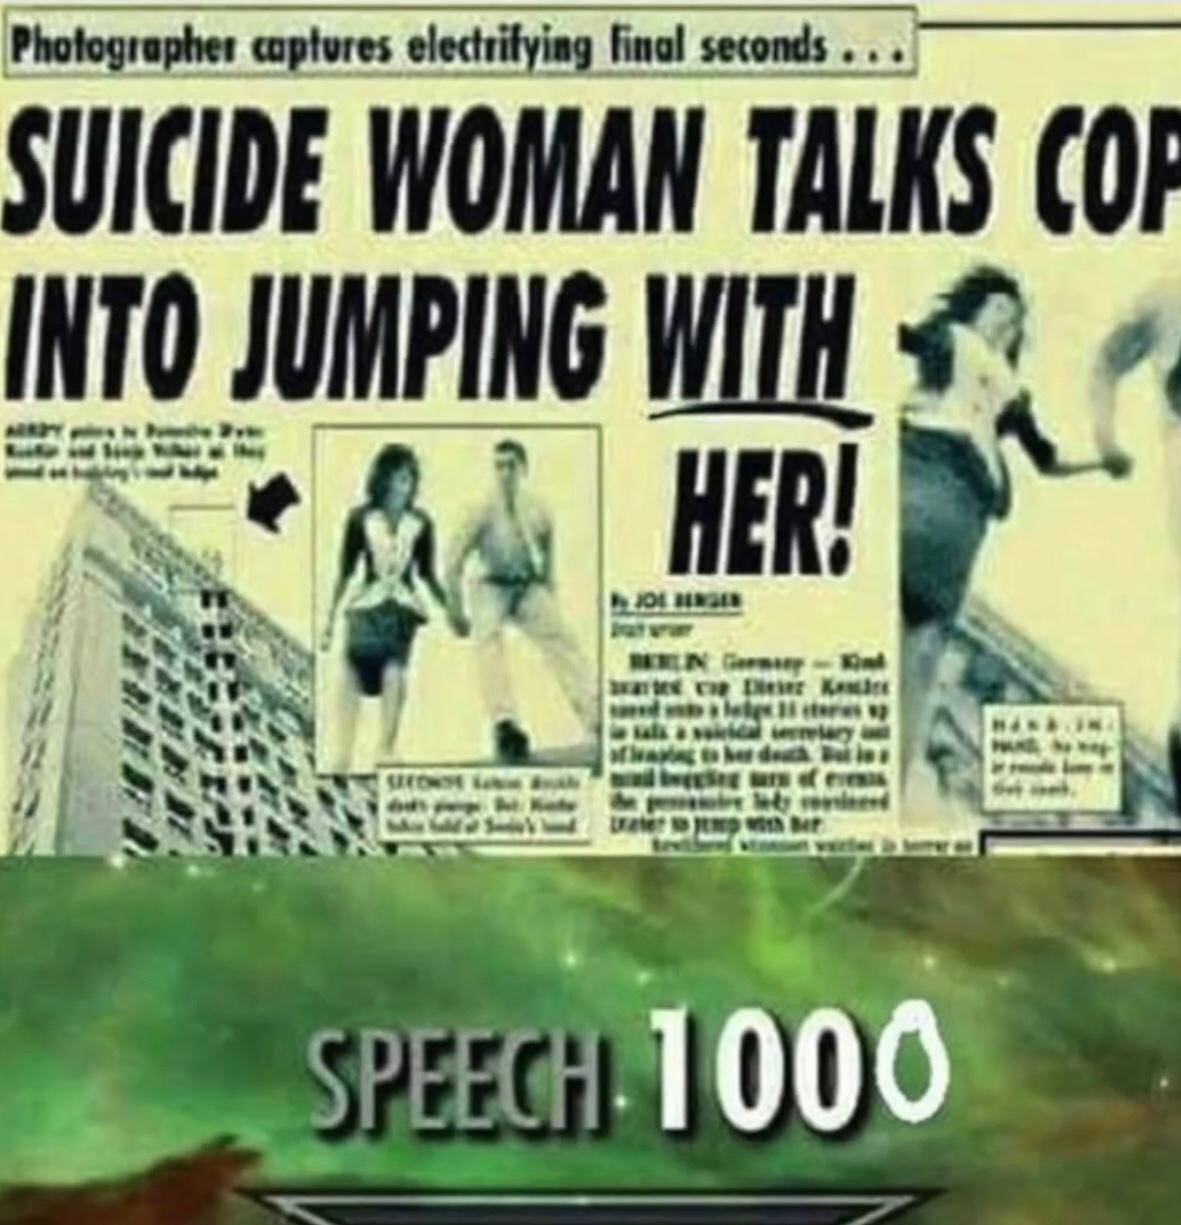 100o - meme